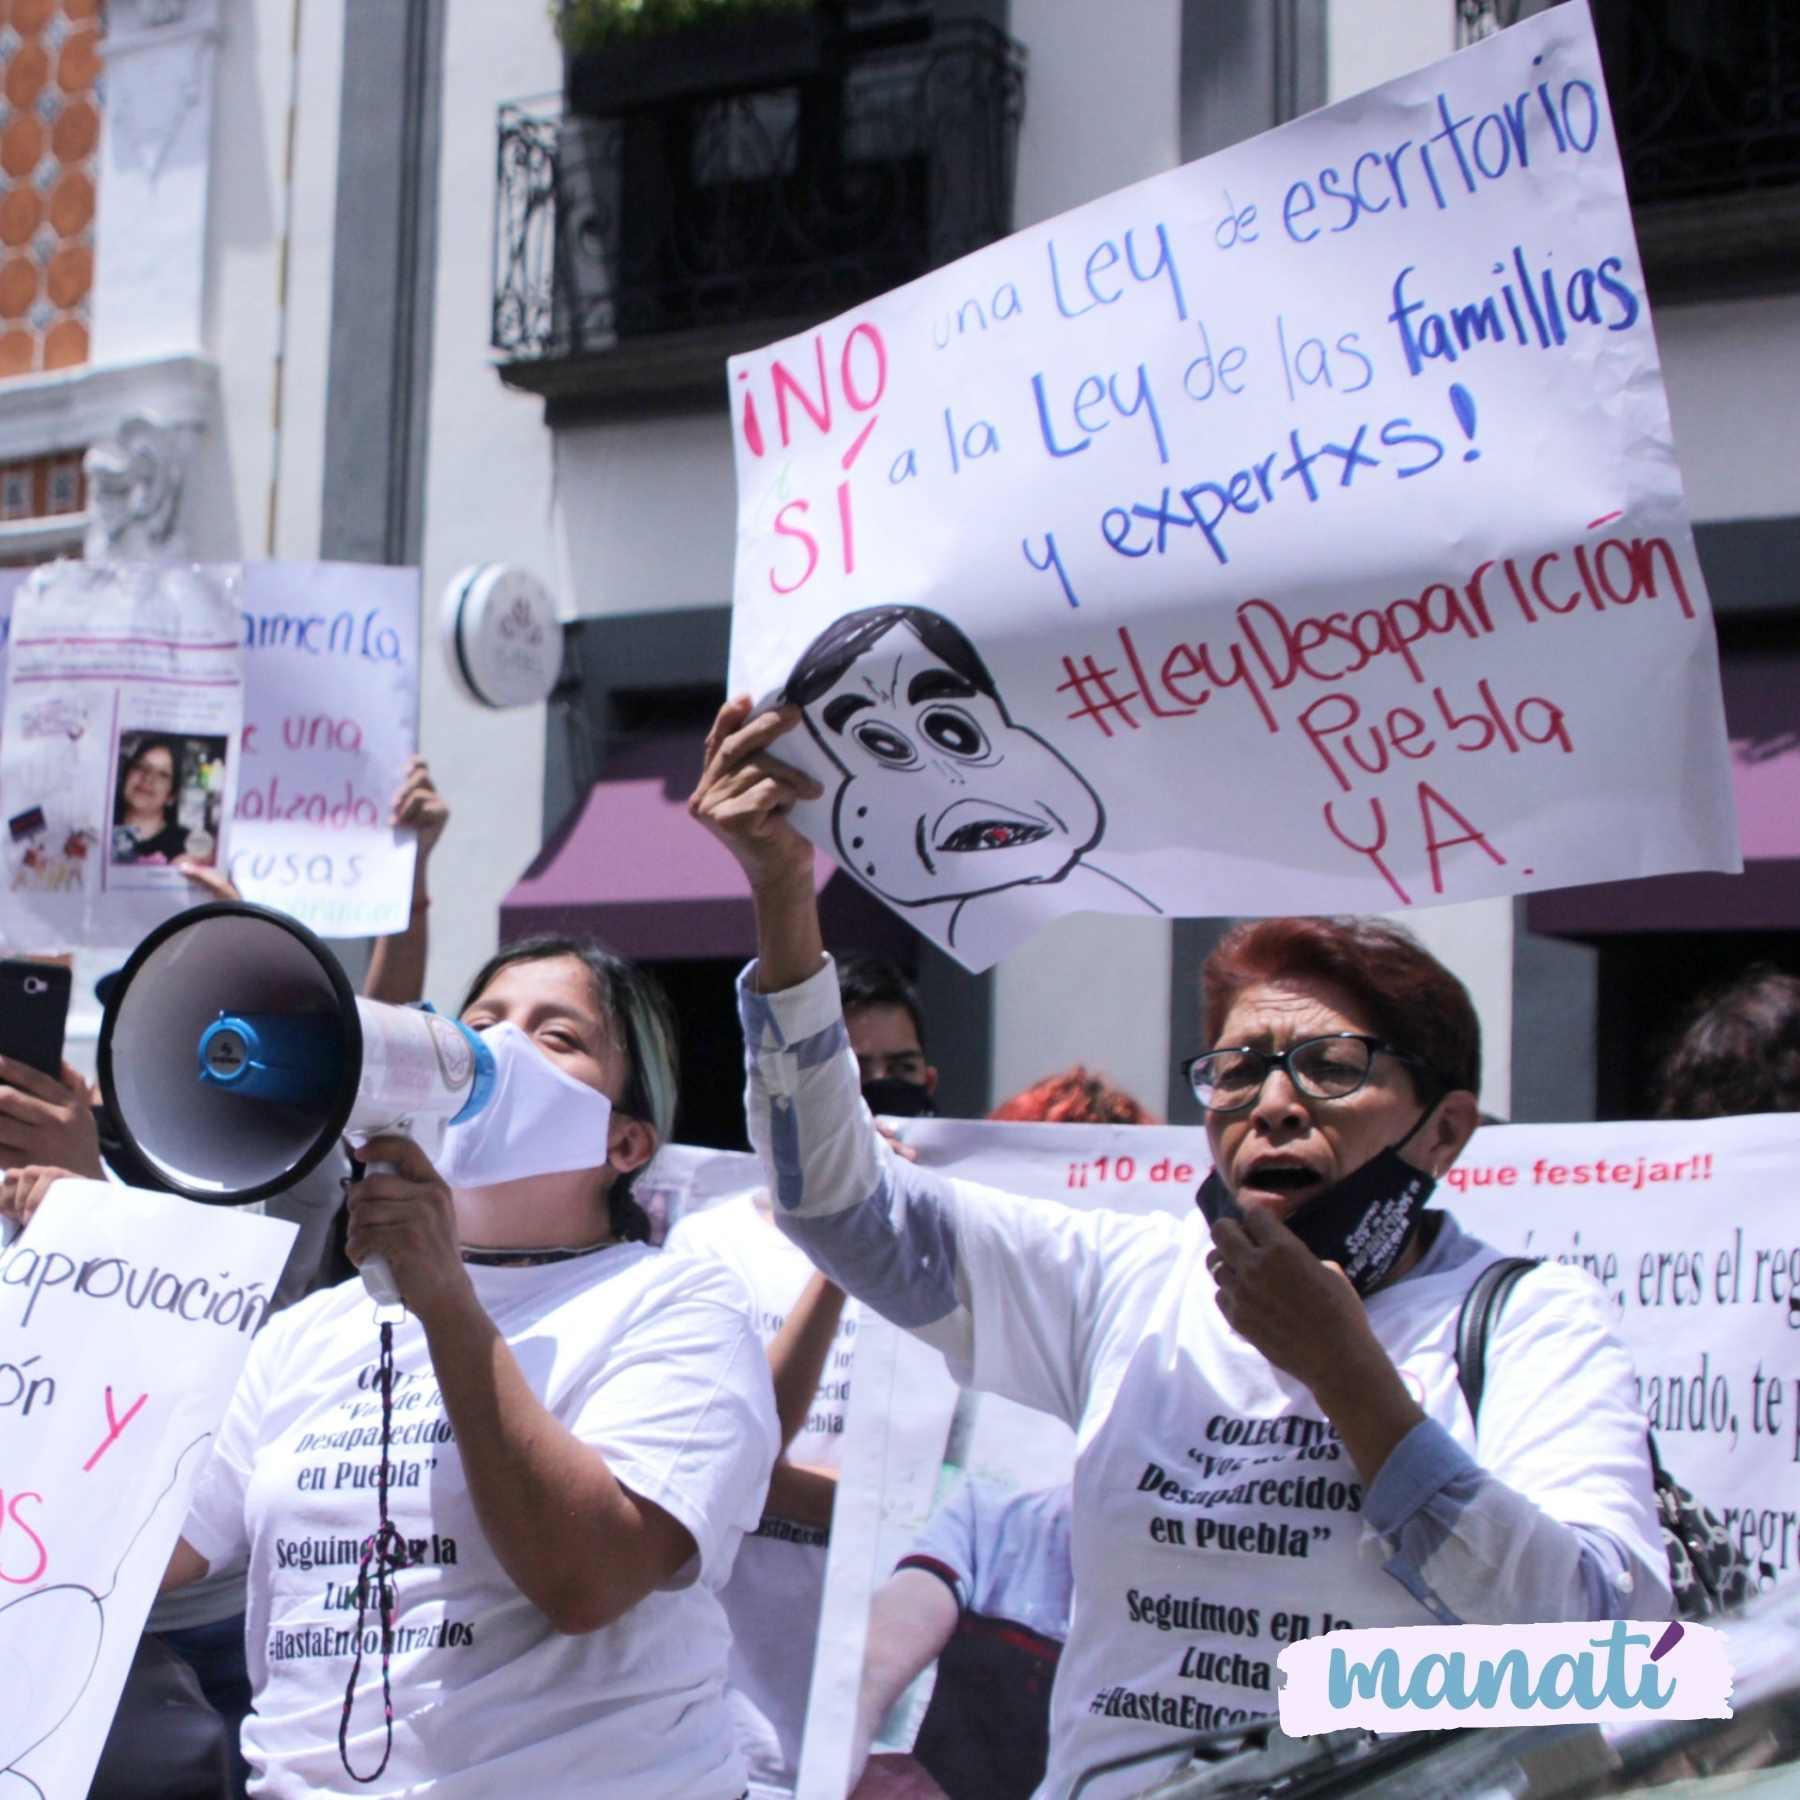 Familias de personas desaparecidas se han mantenido afuera del Congreso de Puebla por tres semanas para exigir ser considerados en la discusión de la ley en materia de desaparición forzada. Fotografía: Katia Fernández// Agencia Es Imagen